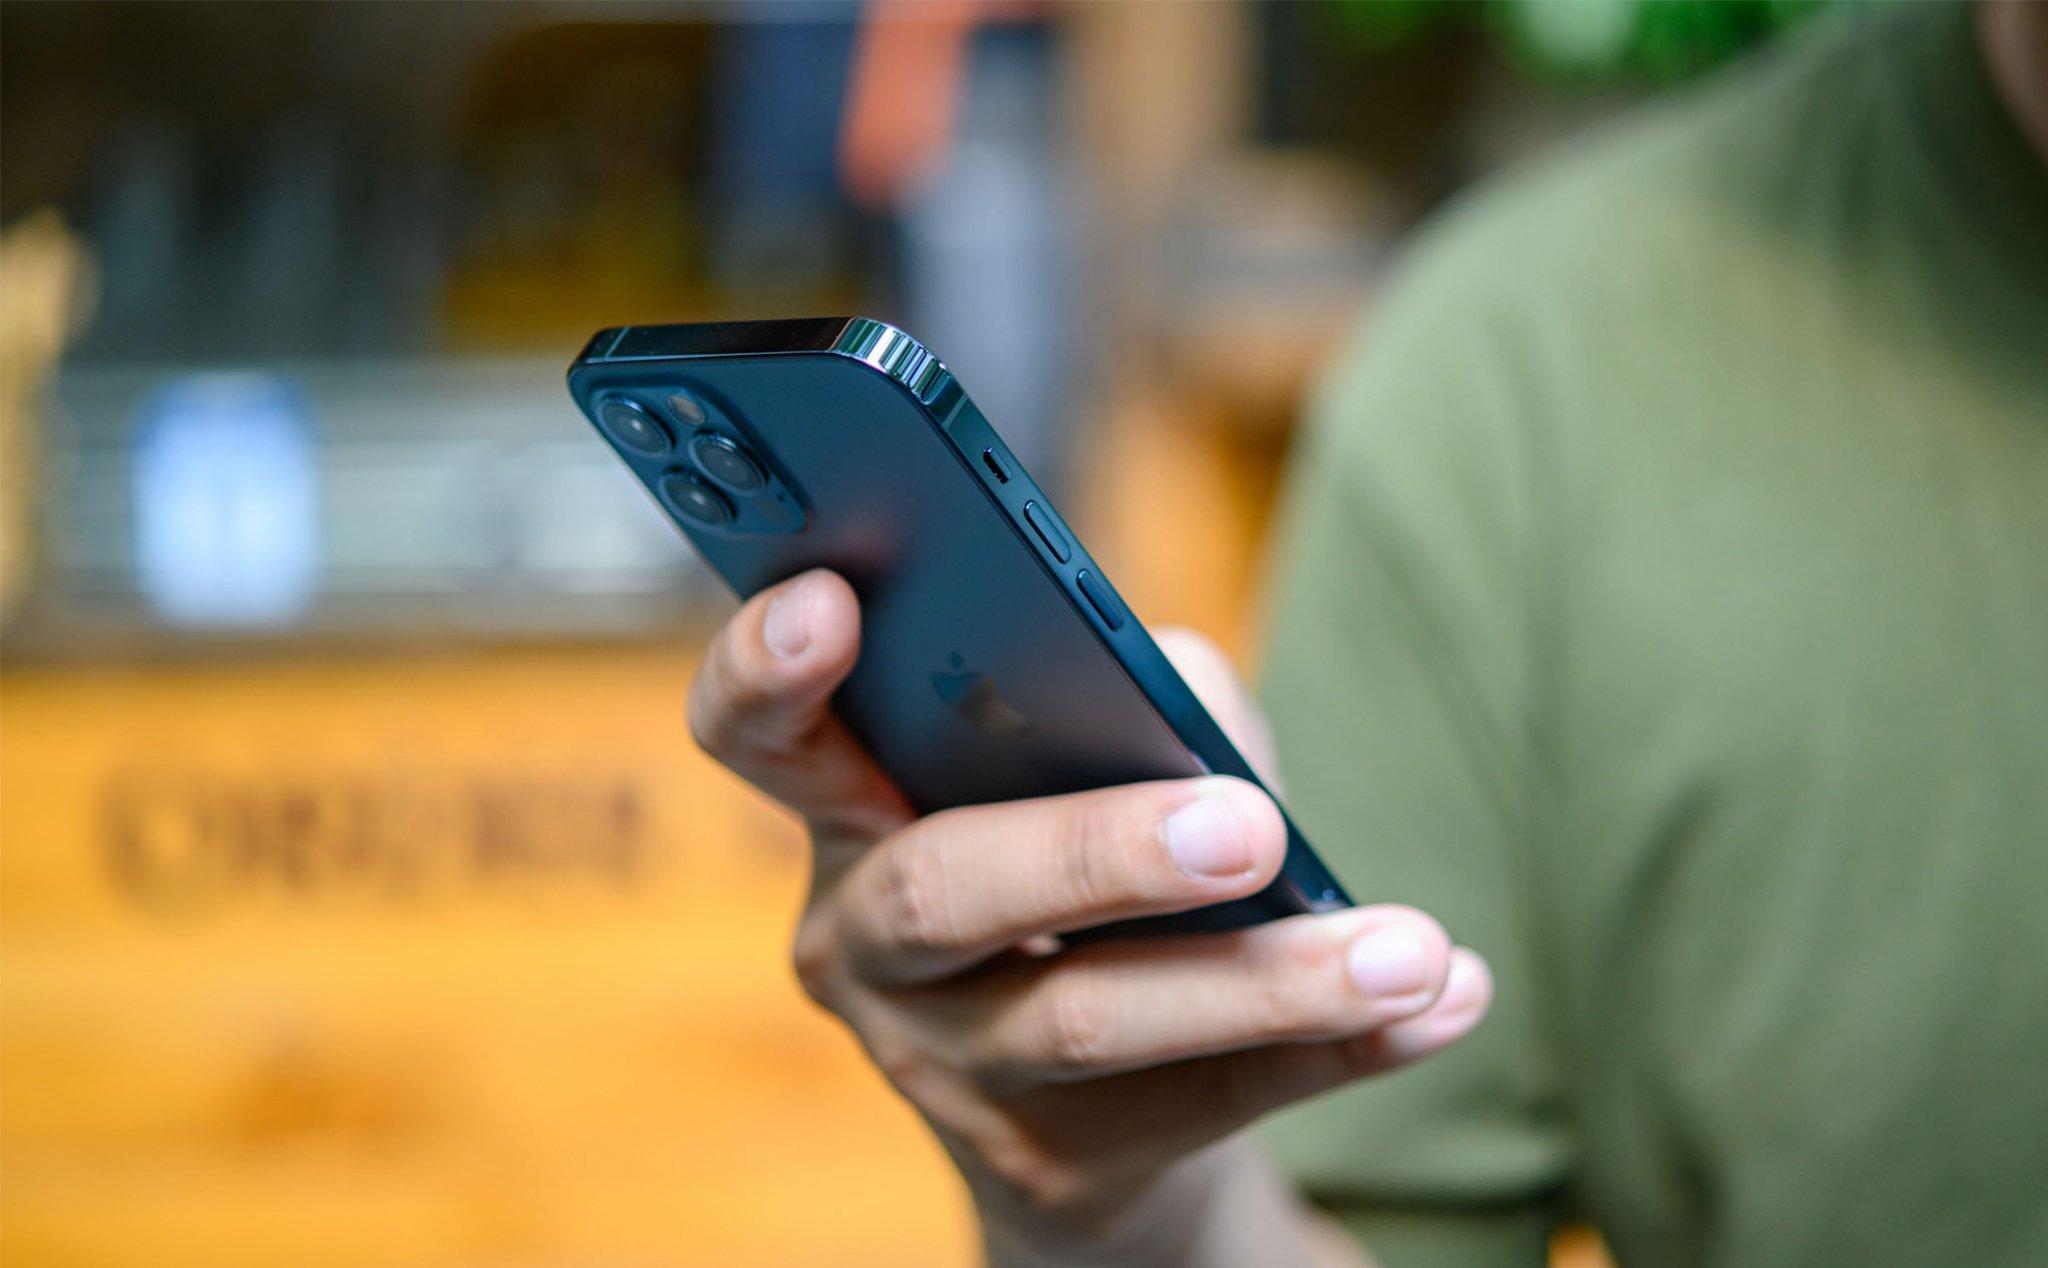 Cảm nhận nhanh iPhone 12 Pro sau một tuần sử dụng - Blogs các sản phẩm công  nghệ zShop.vn